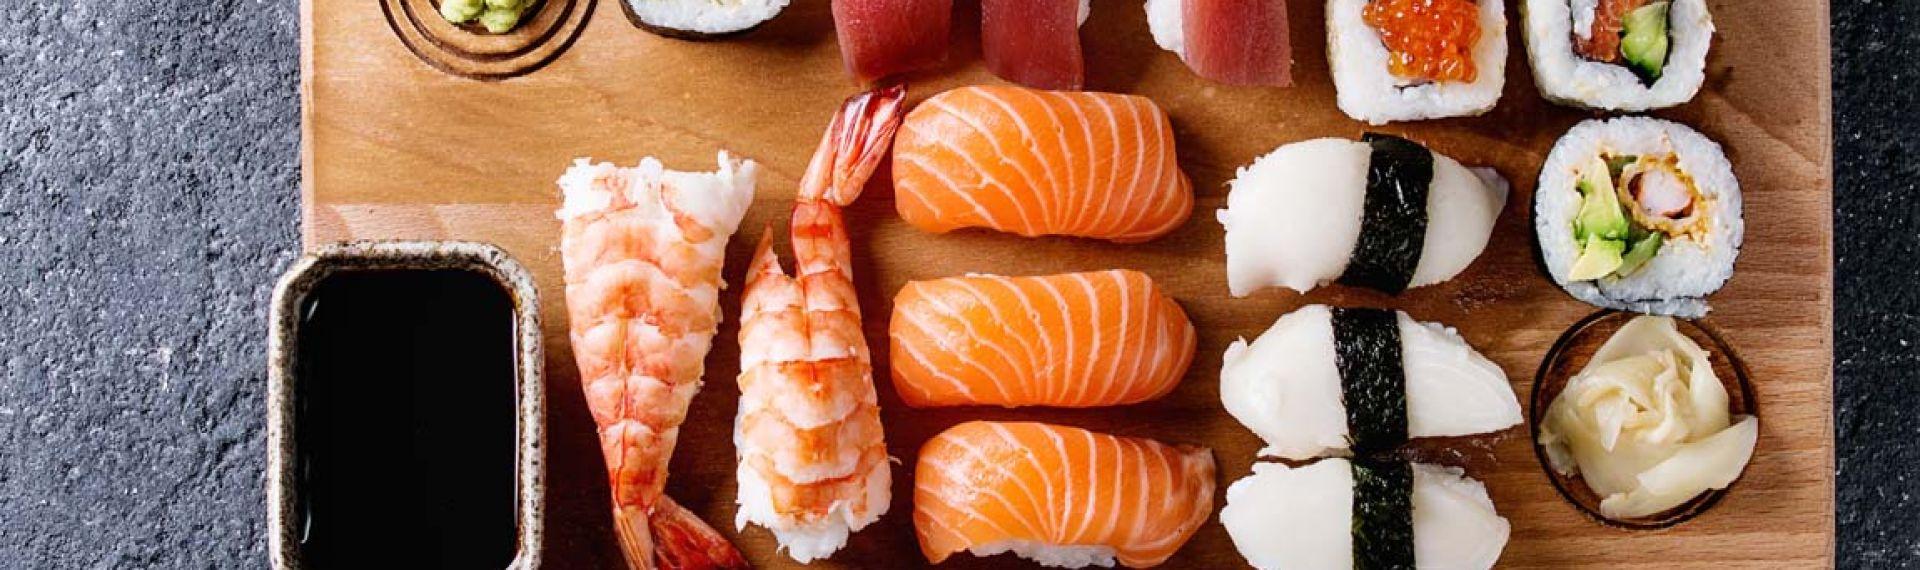 Чим відрізняються суші від ролів?